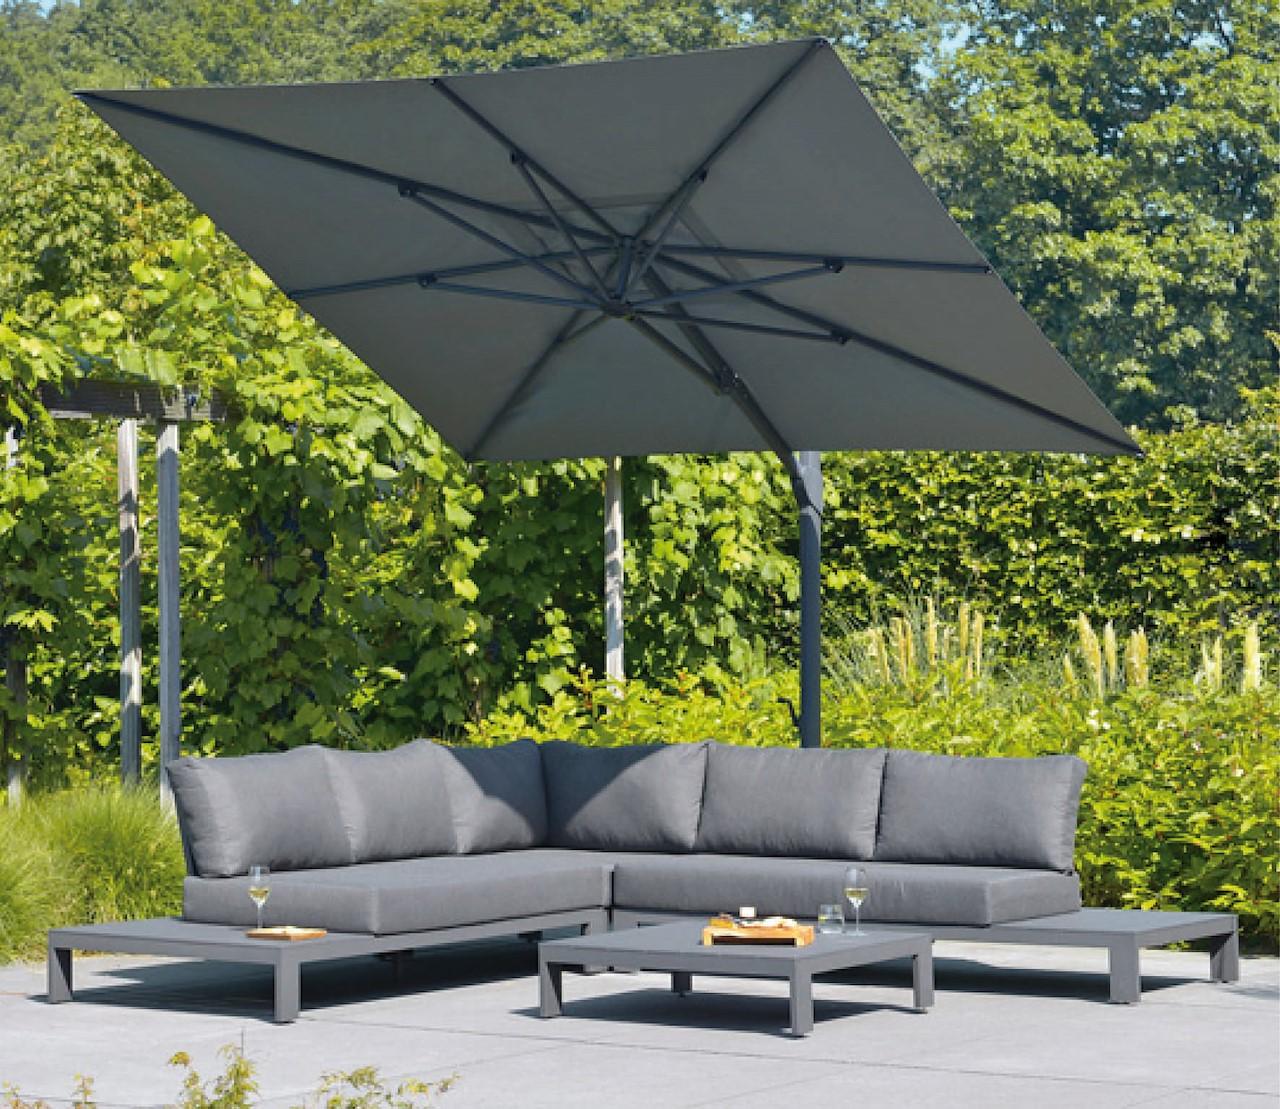 Veilig & stijlvol de zomer door: parasoltrends 2020